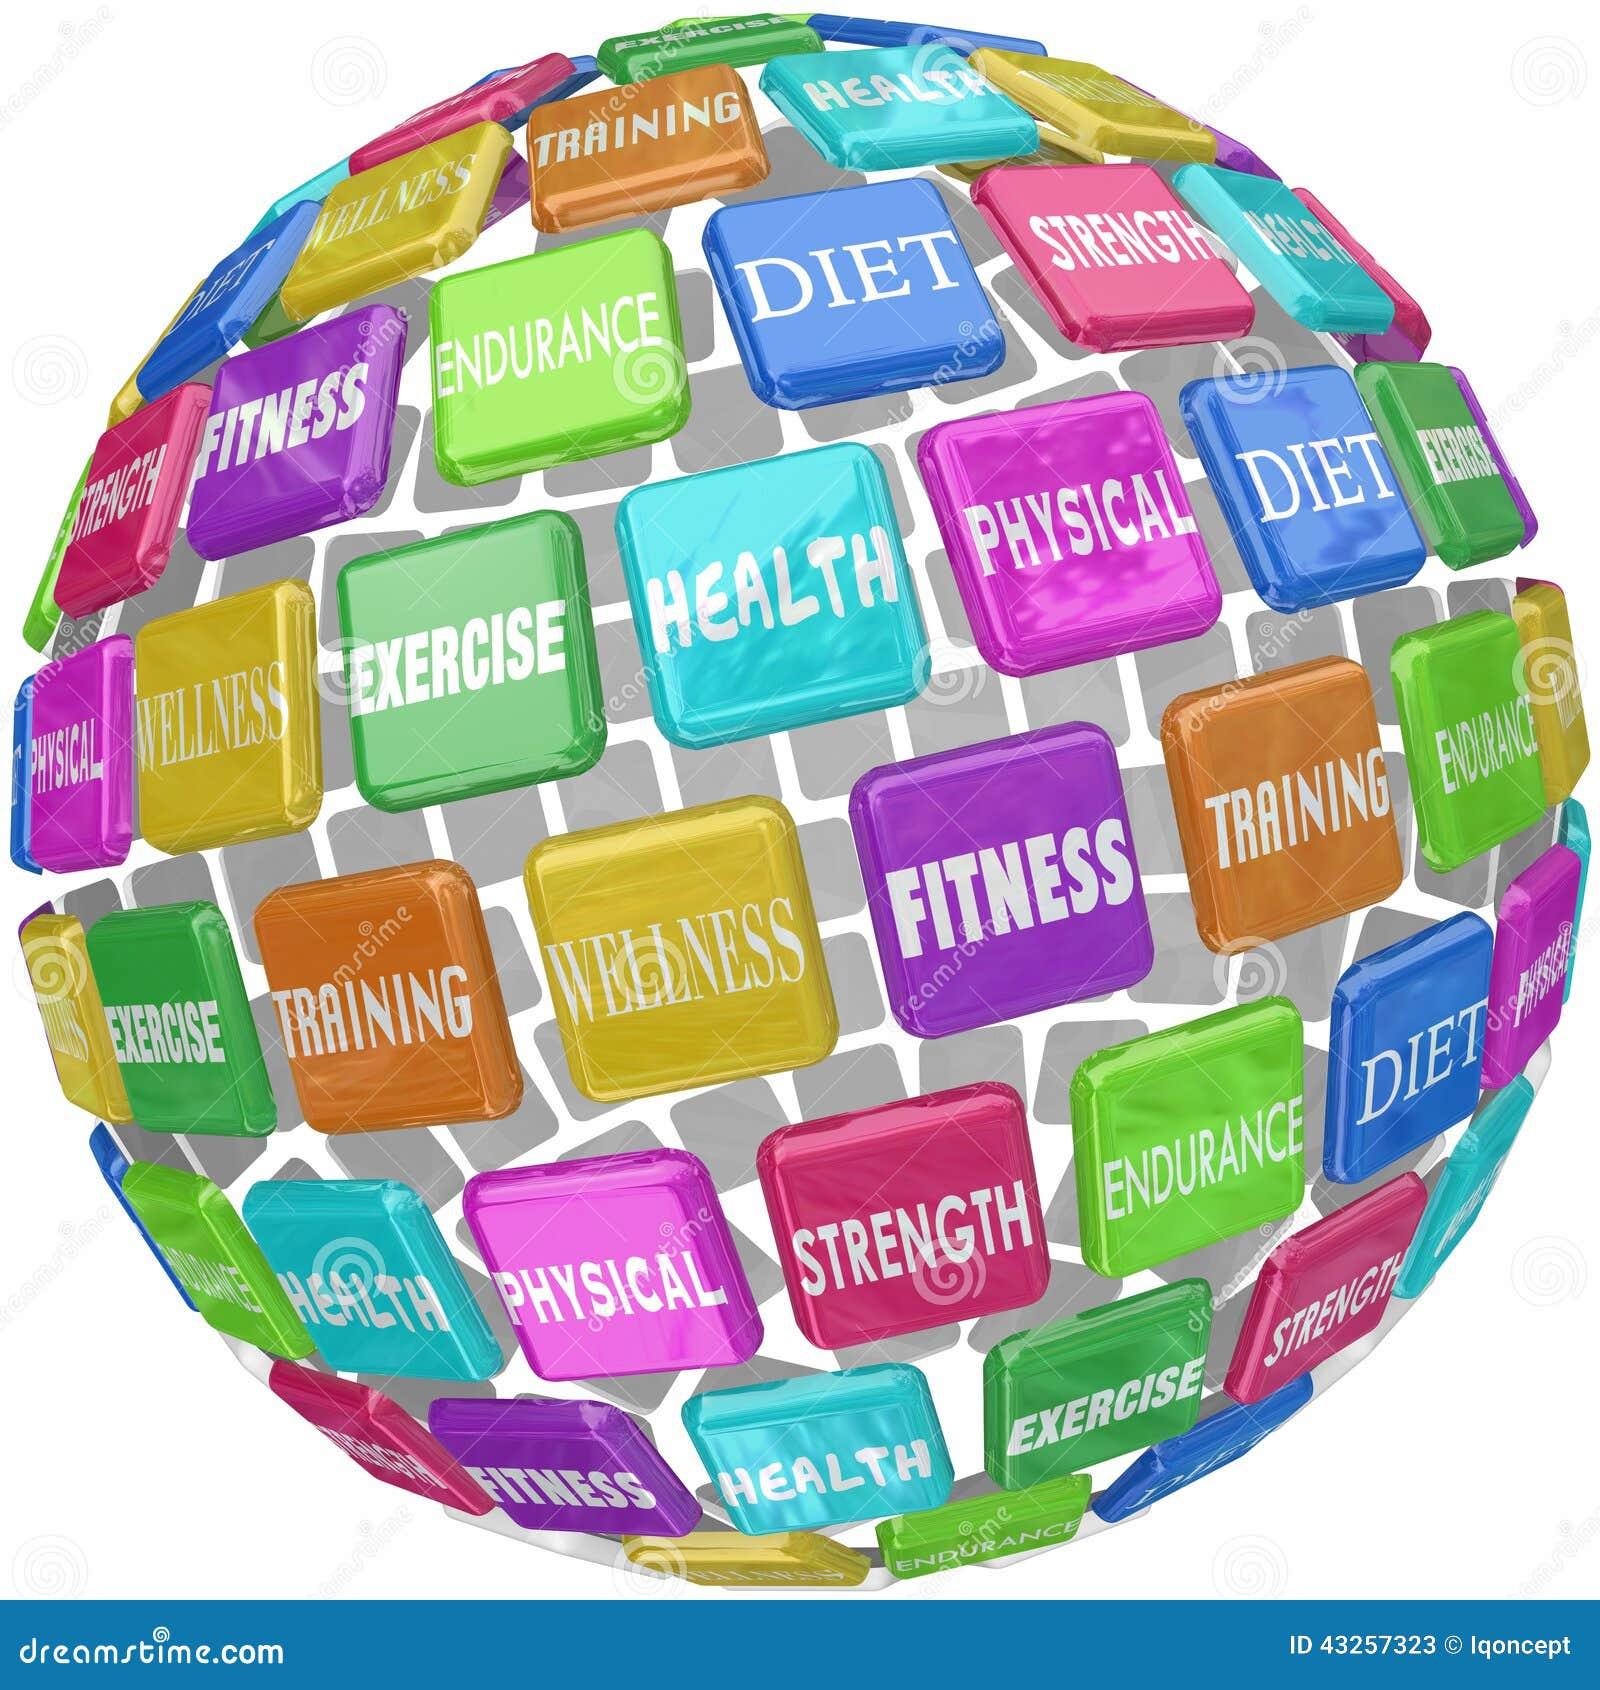 Здоровье тренировки фитнеса физическое формулирует шарик глобуса